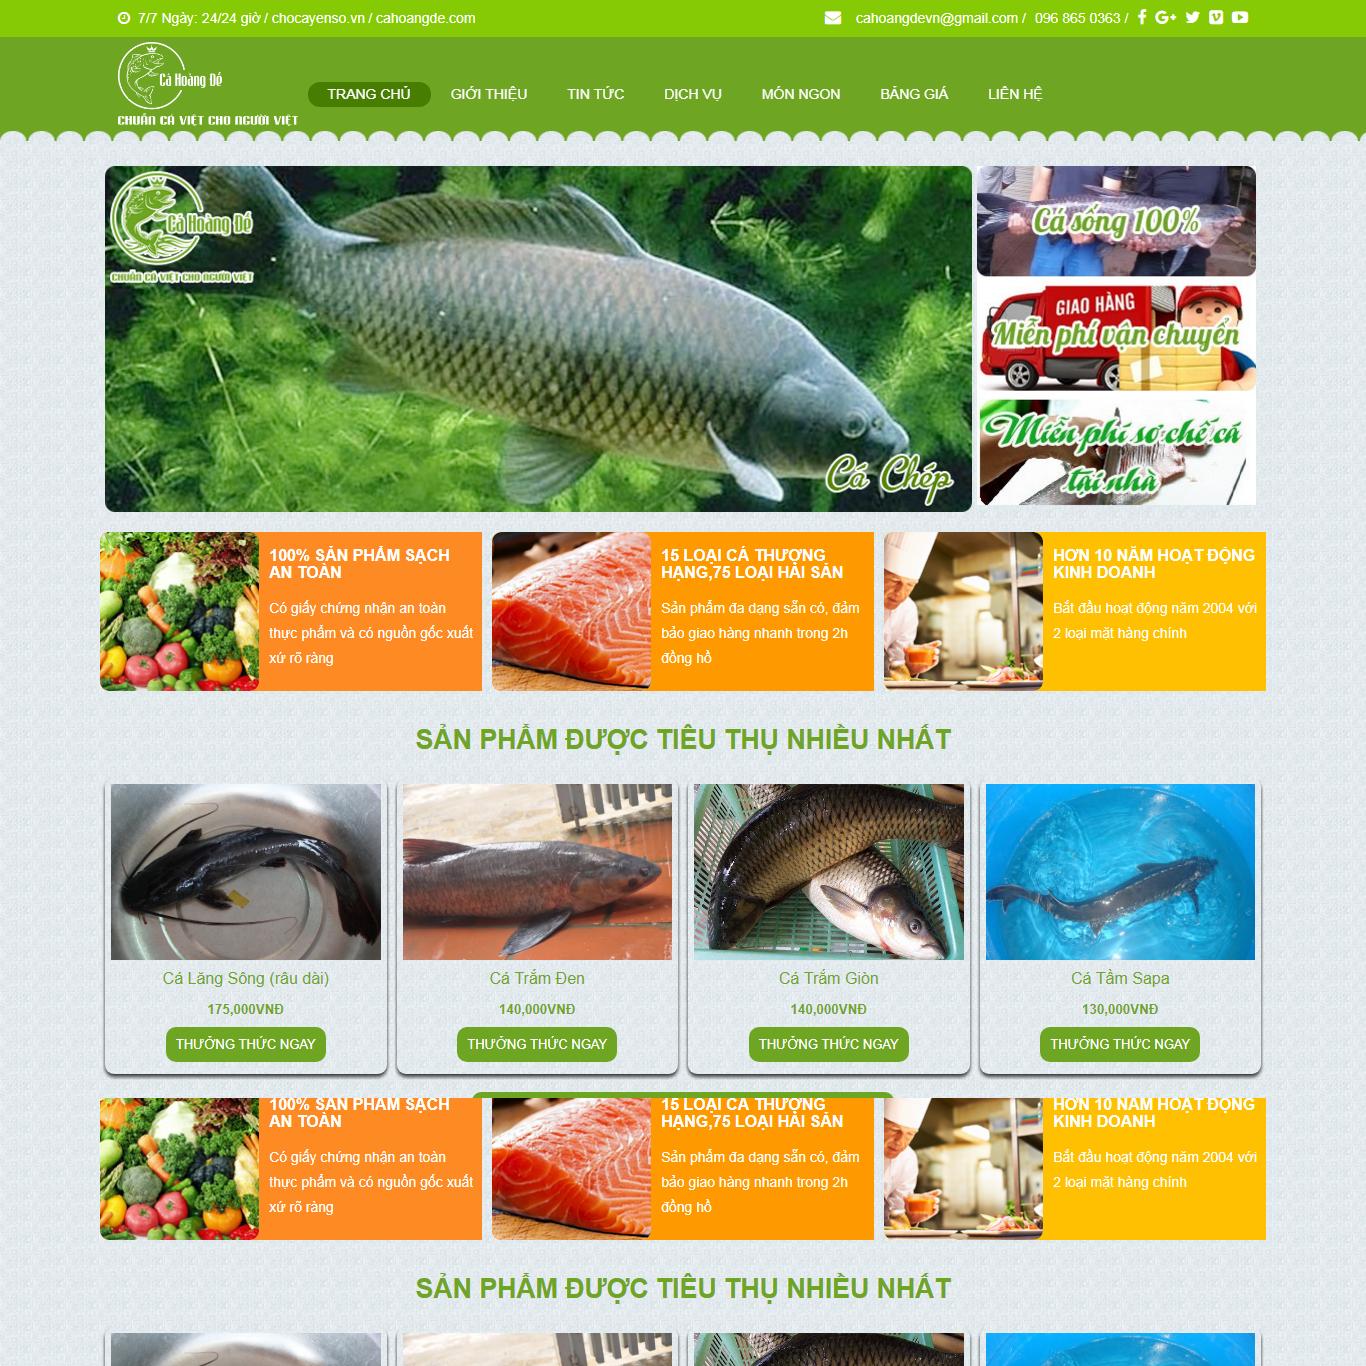 cá đồ ăn ẩm thực và thực phẩm